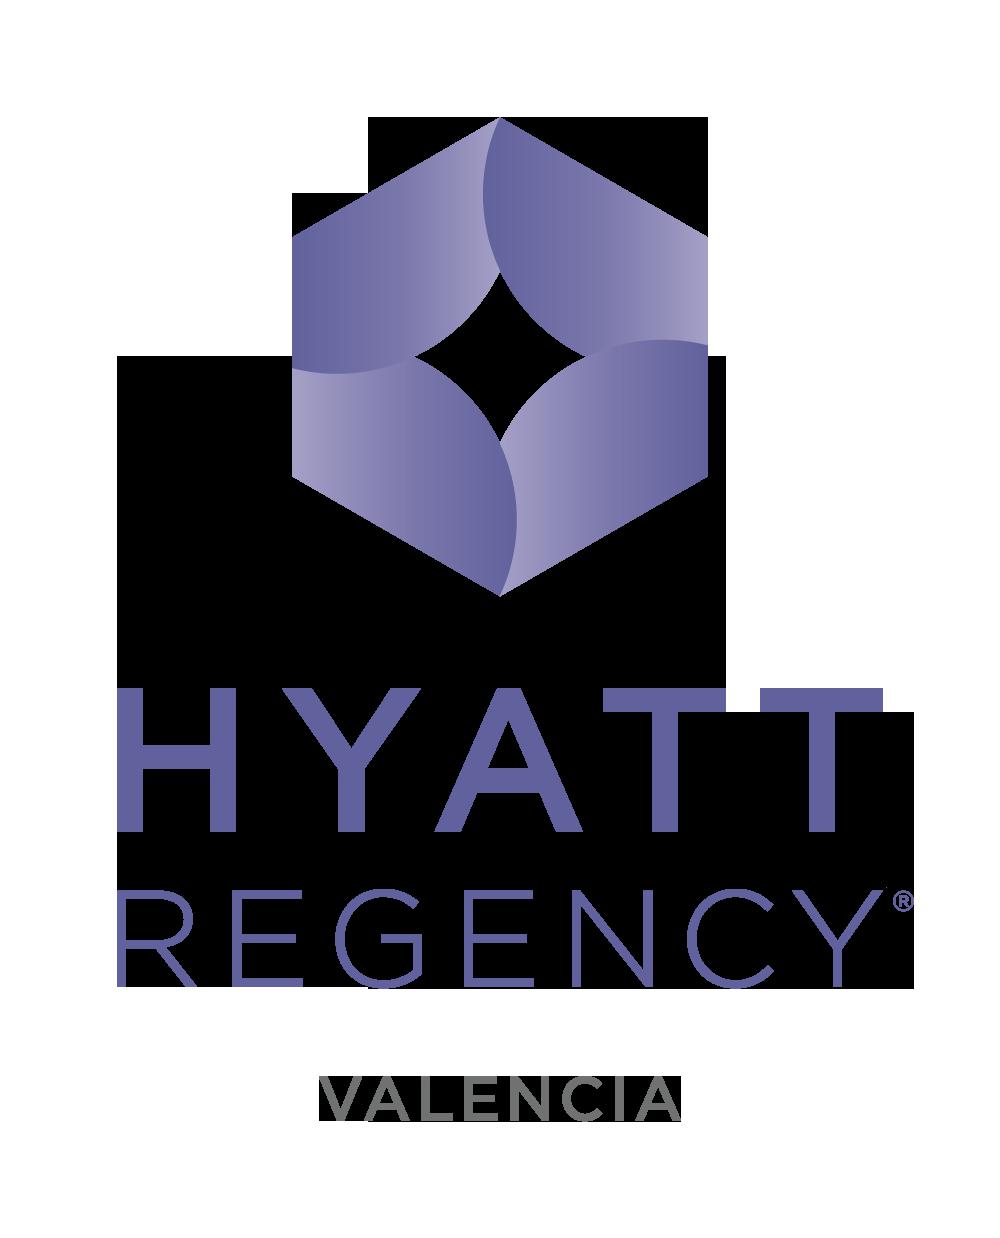 Hyatt Regency Valencia logo